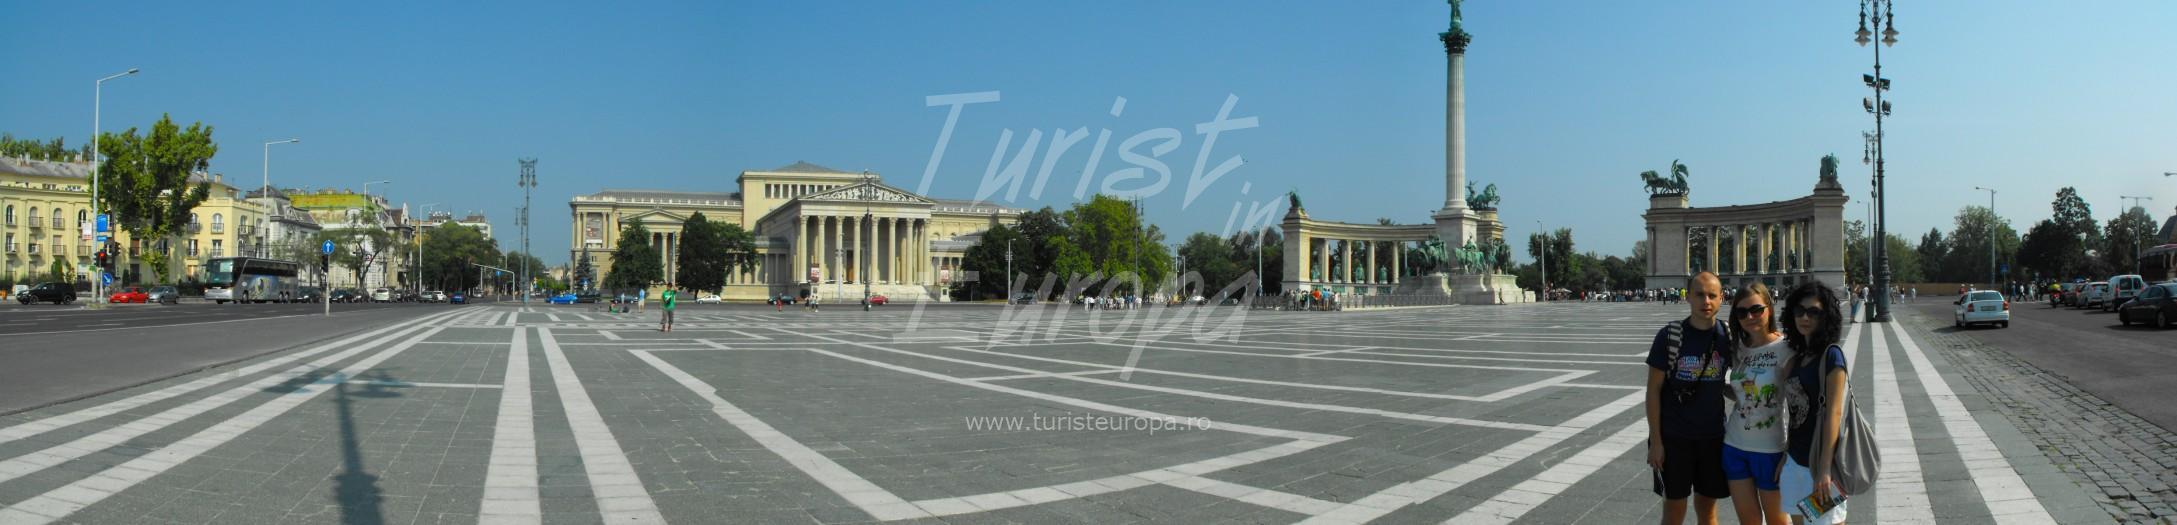 Budapesta, Ungaria - Piata Eroilor